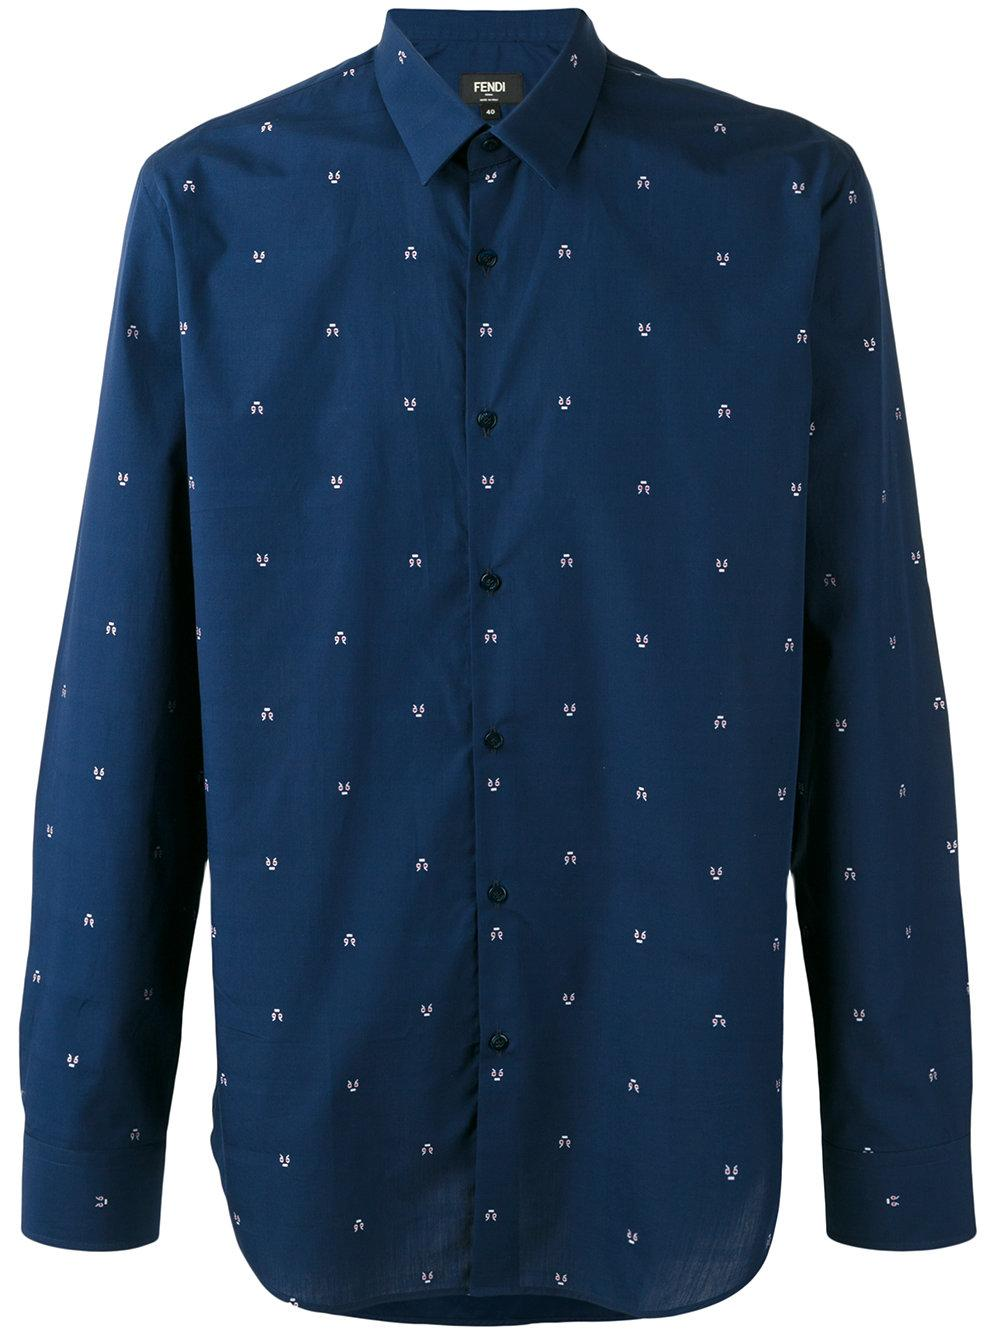 Fendi Multi Ulls Shirt In Blue For Men Lyst